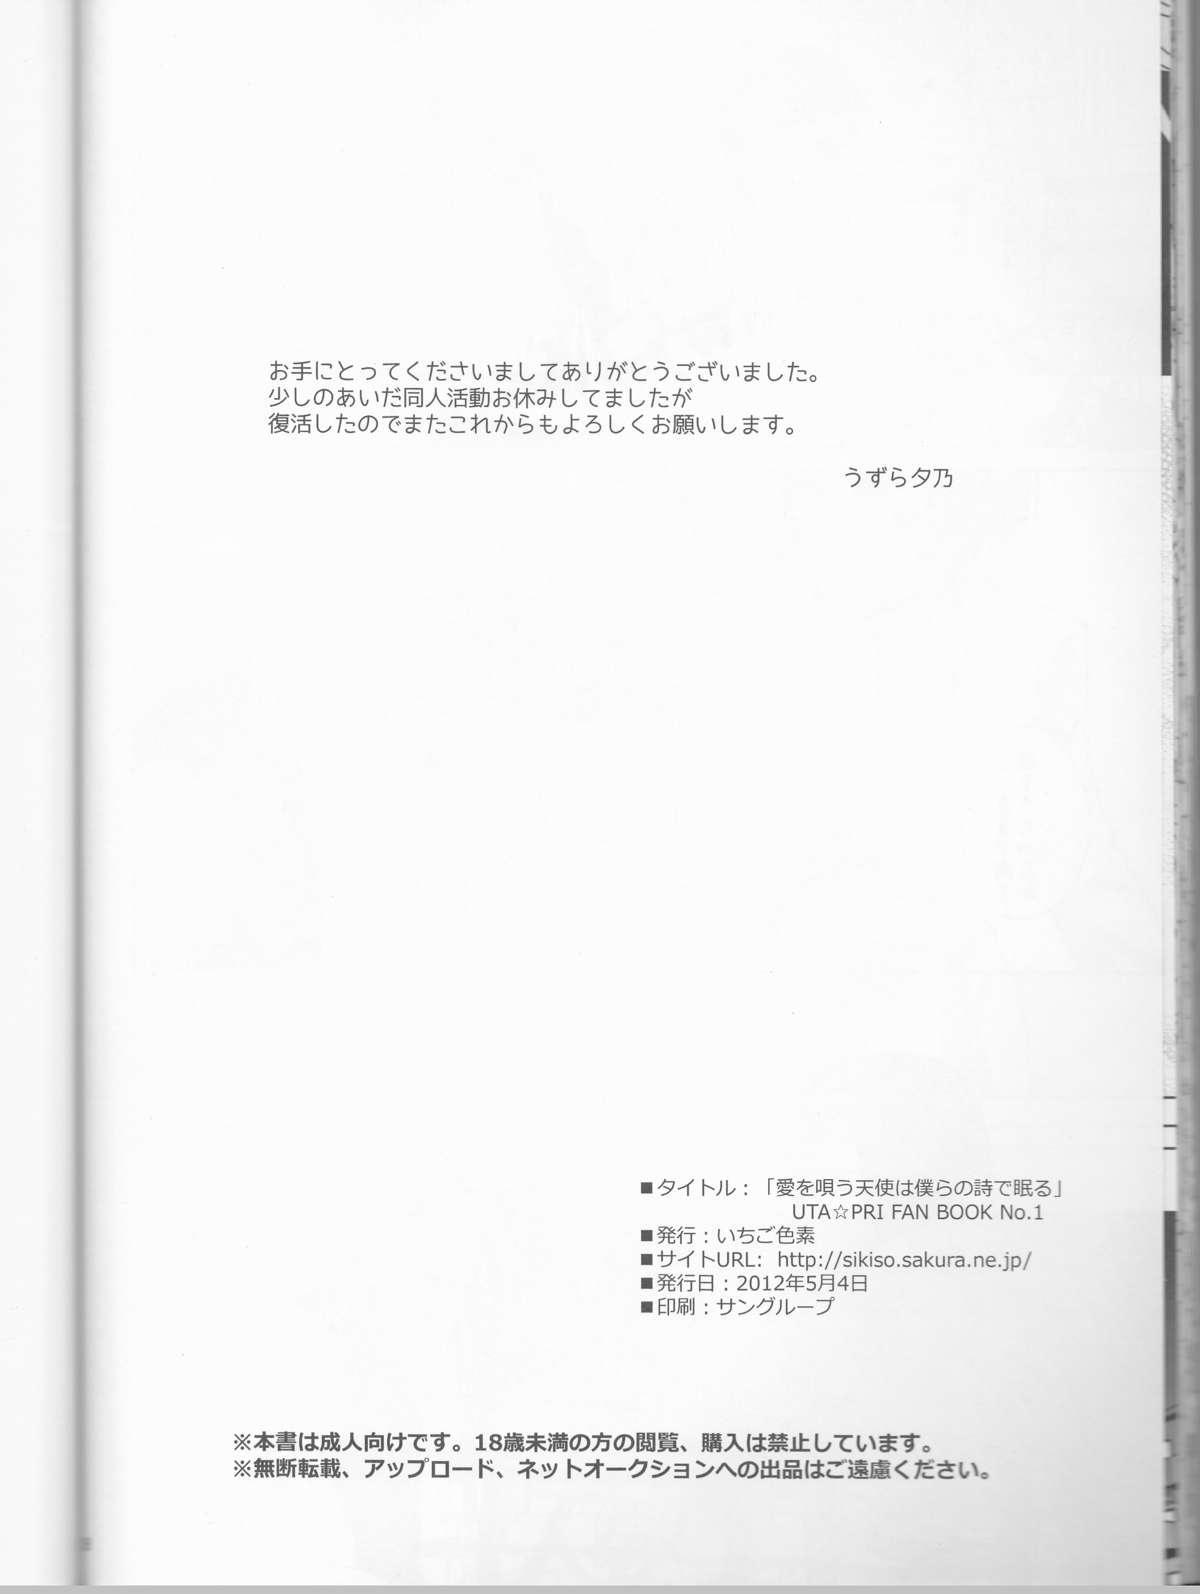 Ai o Utau Tenshi wa Bokura no Uta de Nemuru 37